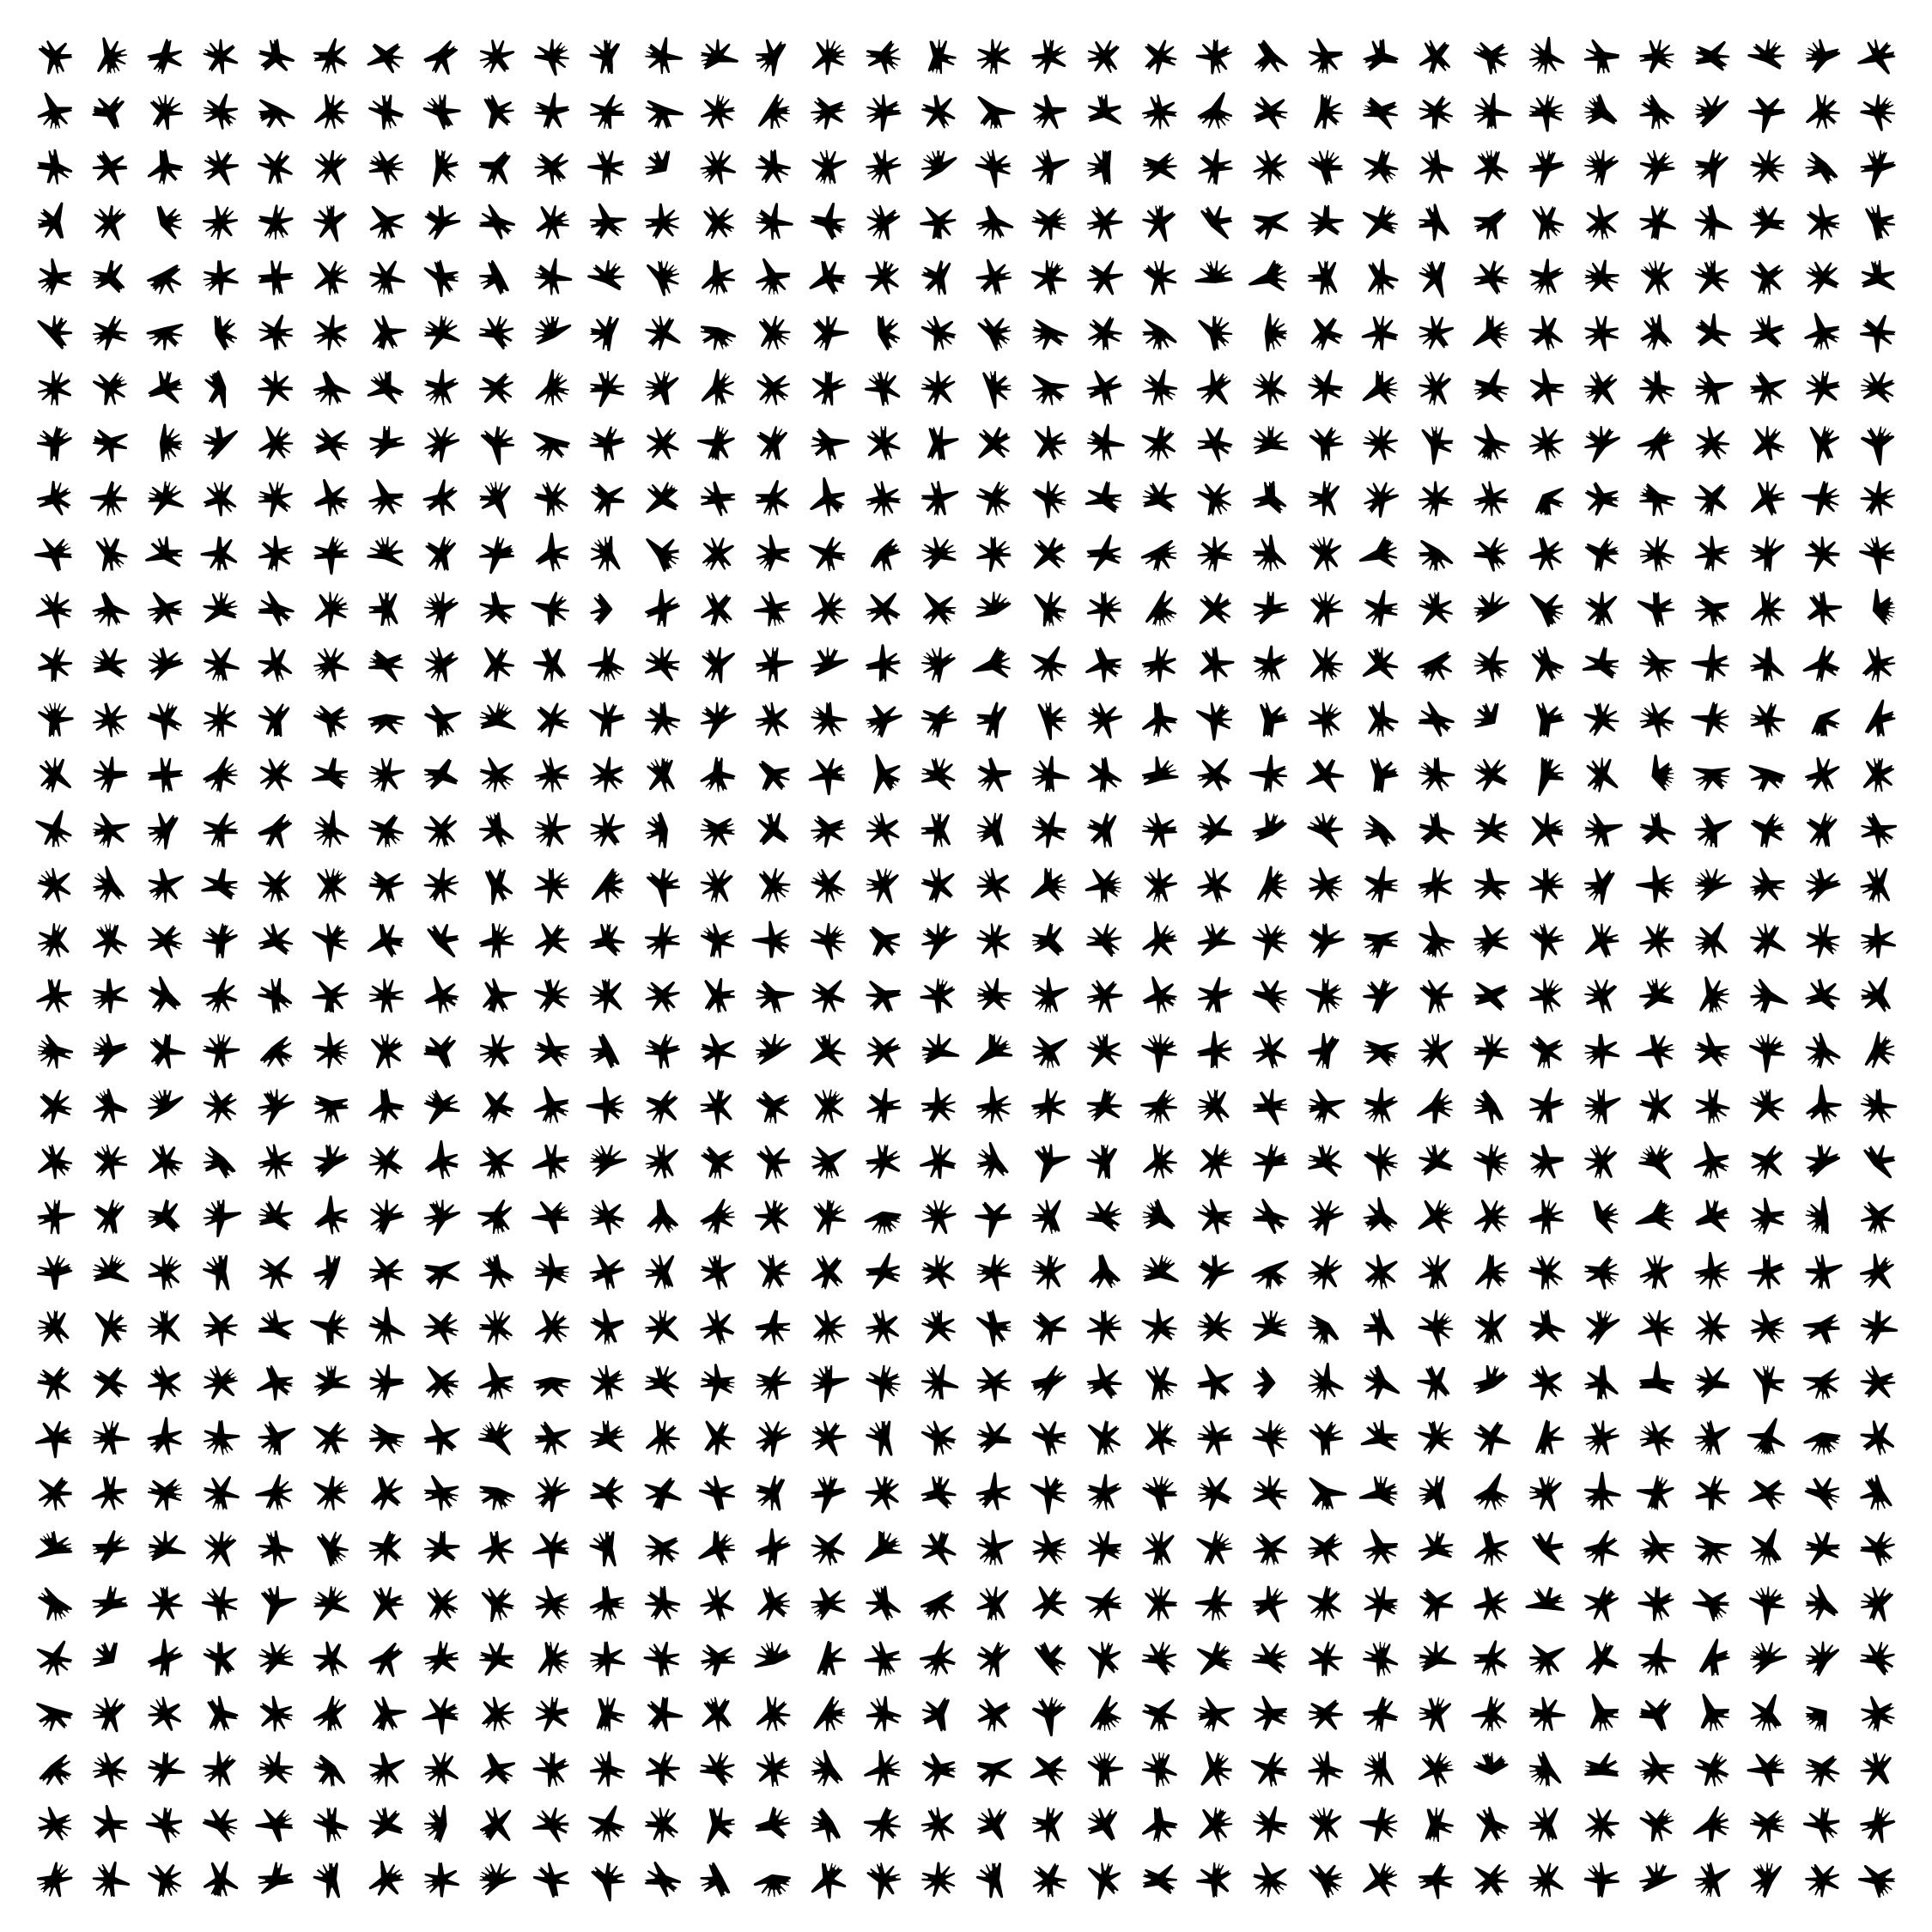 2015 10 30 figures radial-06.jpg